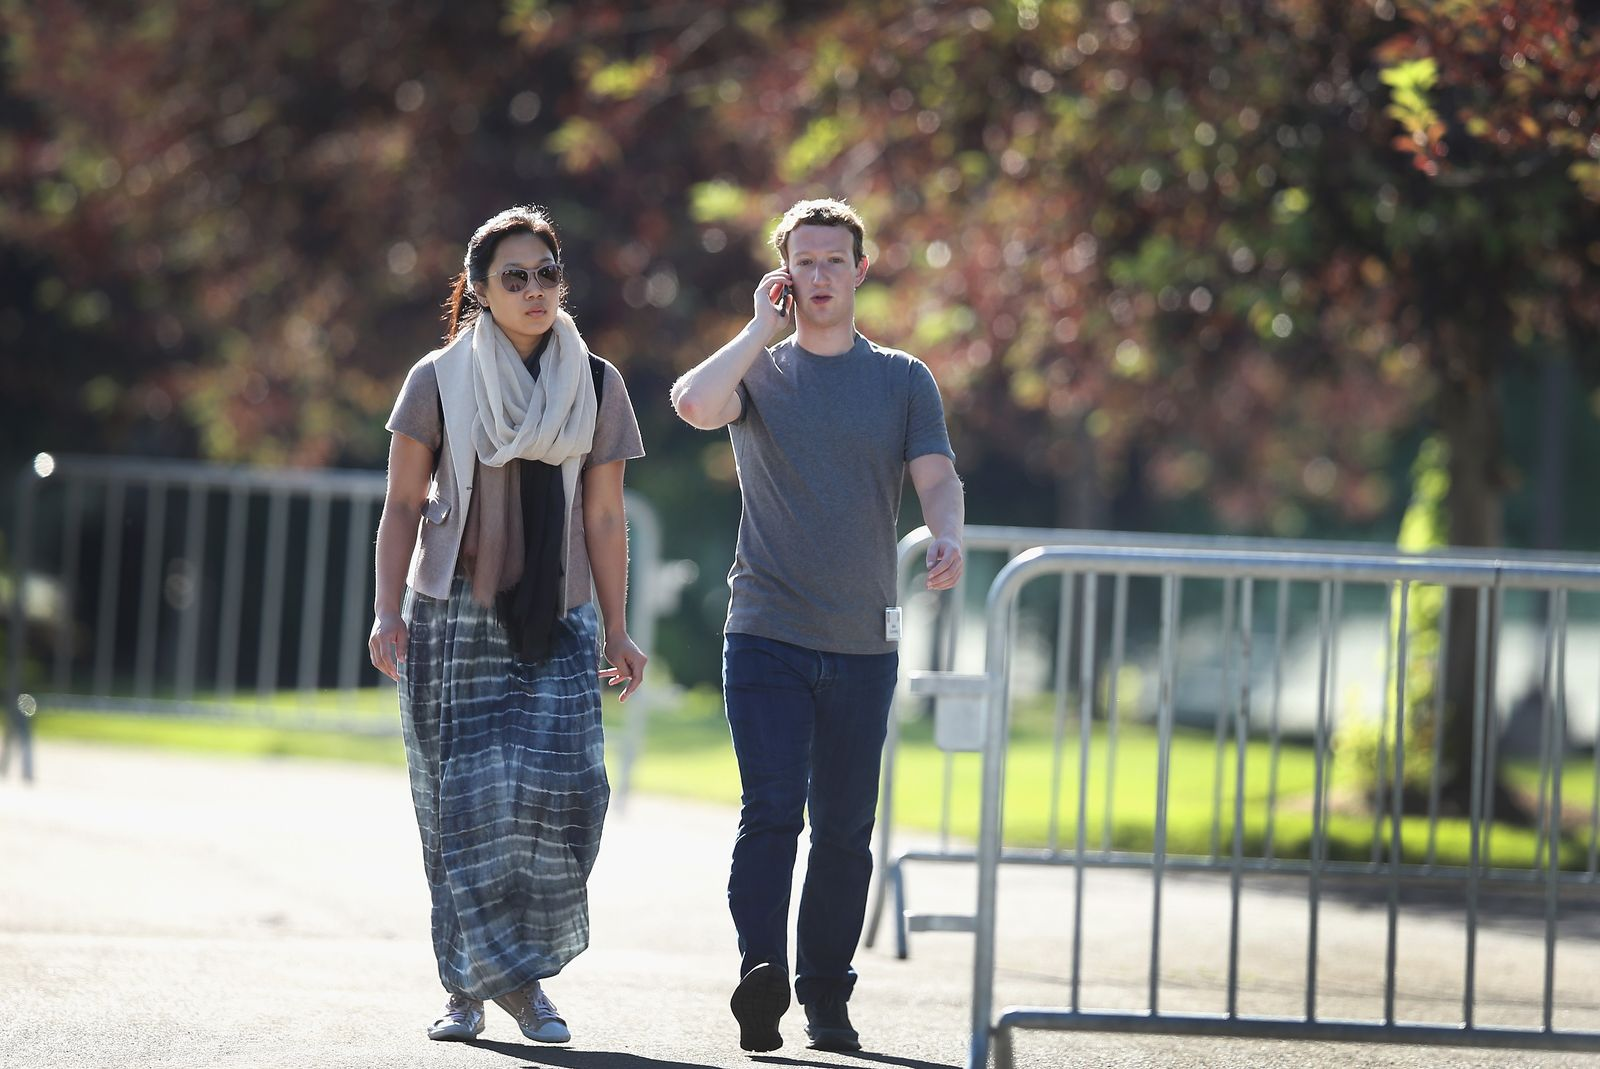 Mark Zuckerberg / Priscilla Chan